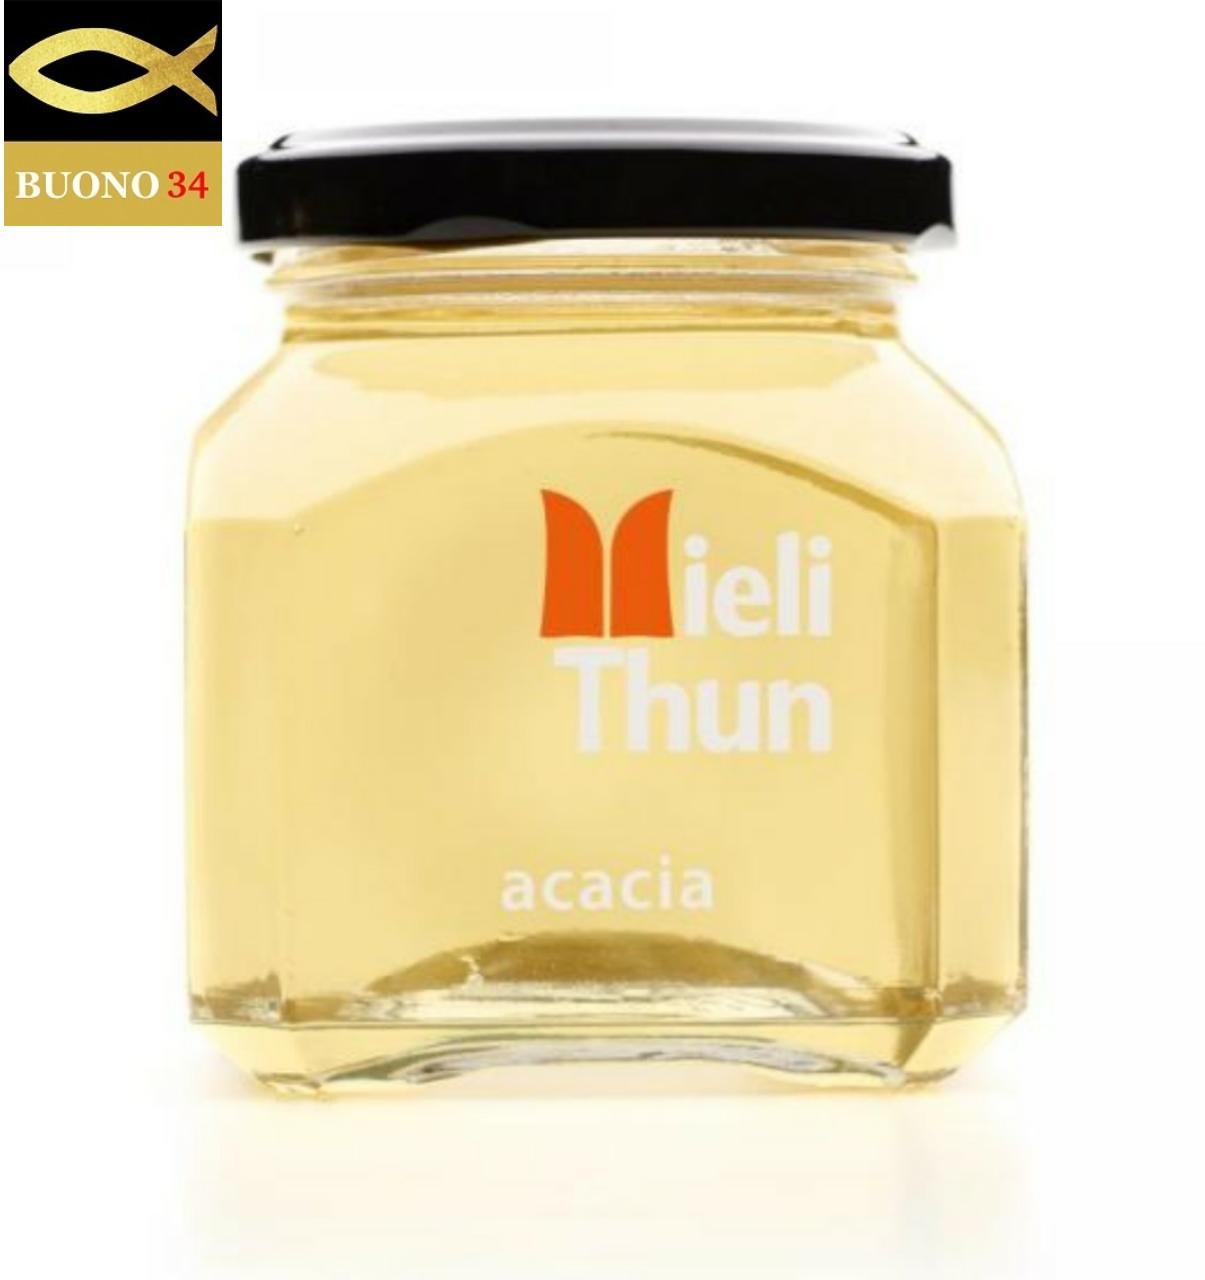 チーズと合わせたり紅茶にも 優しい甘さがお口に広がります アカシアのハチミツ 250g ミエーレチュン イタリア 優しい味の蜂蜜 Mieli thun トレント州 日本全国 買物 送料無料